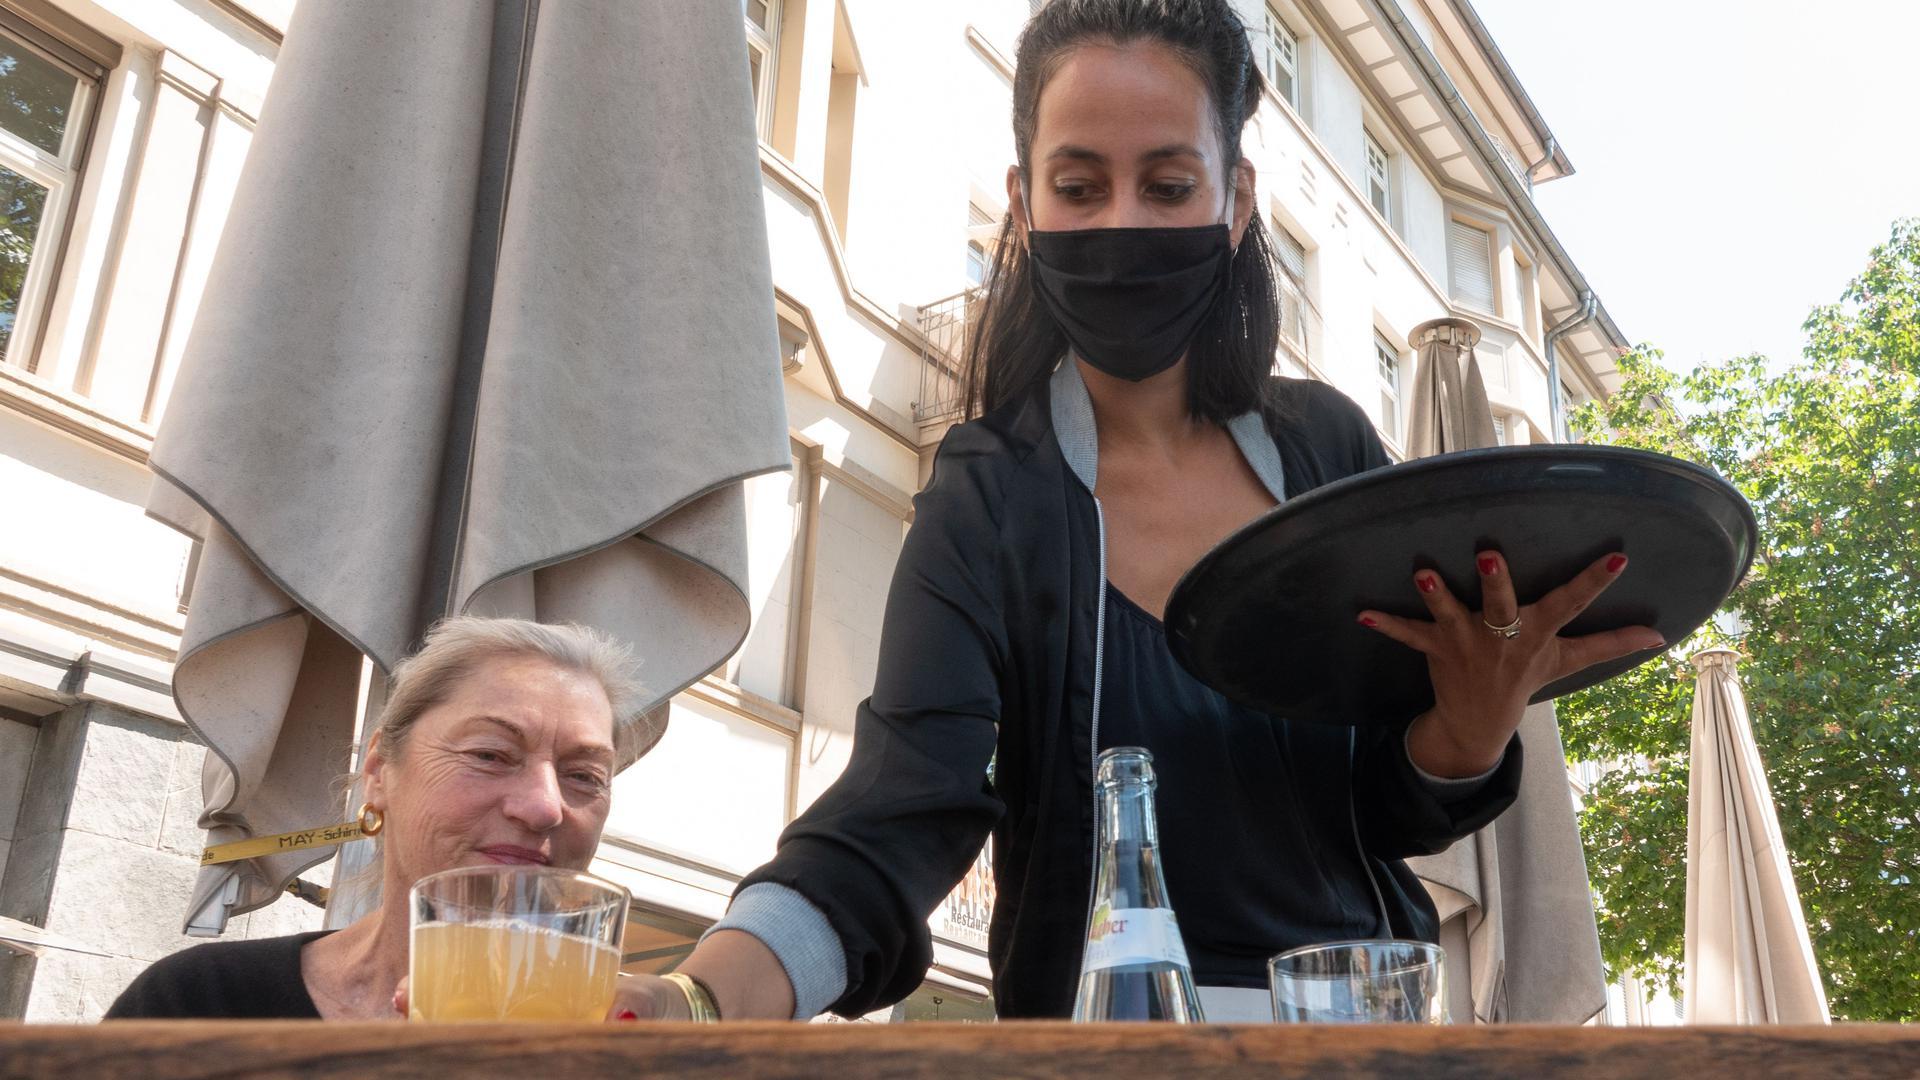 18.05.2020, Baden-Württemberg, Stuttgart: Eine Kellnerin mit Mundschutz stellt auf der Terrasse vor dem Café Kaiserbau einer Kundin ein Getränk auf den Tisch. Speise-Gaststätten, Ferienwohnungen und Campingplätze dürfen ab dem 18.05.2020 unter Einhaltung bestimmter Auflagen wieder für Ihre Gäste öffnen. Foto: Gregor Bauernfeind/dpa +++ dpa-Bildfunk +++ | Verwendung weltweit